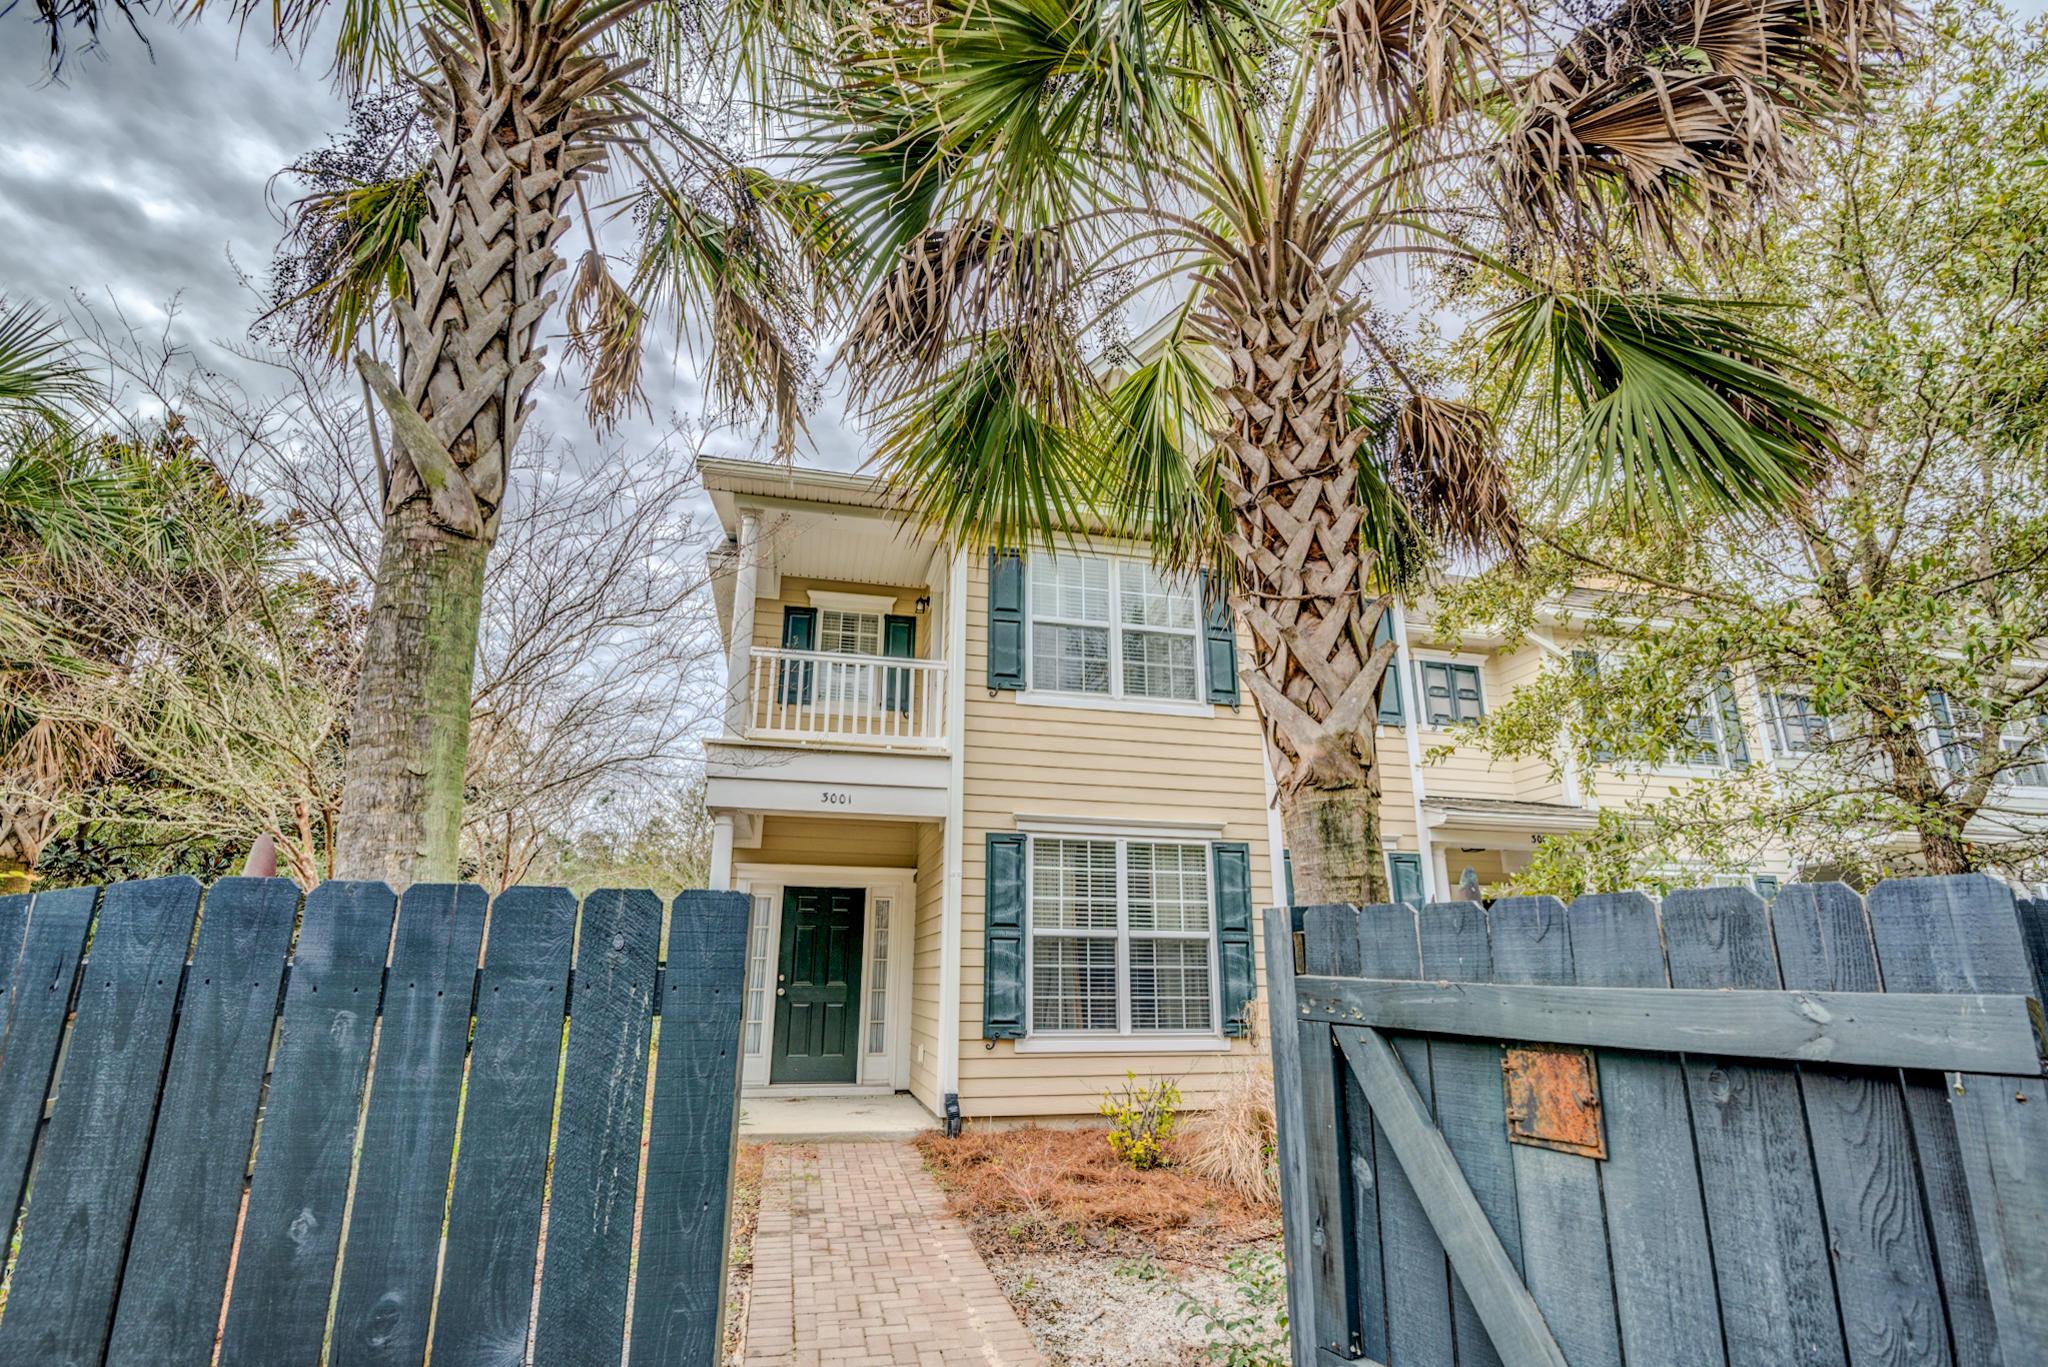 Park West Homes For Sale - 3001 Parkwest, Mount Pleasant, SC - 21